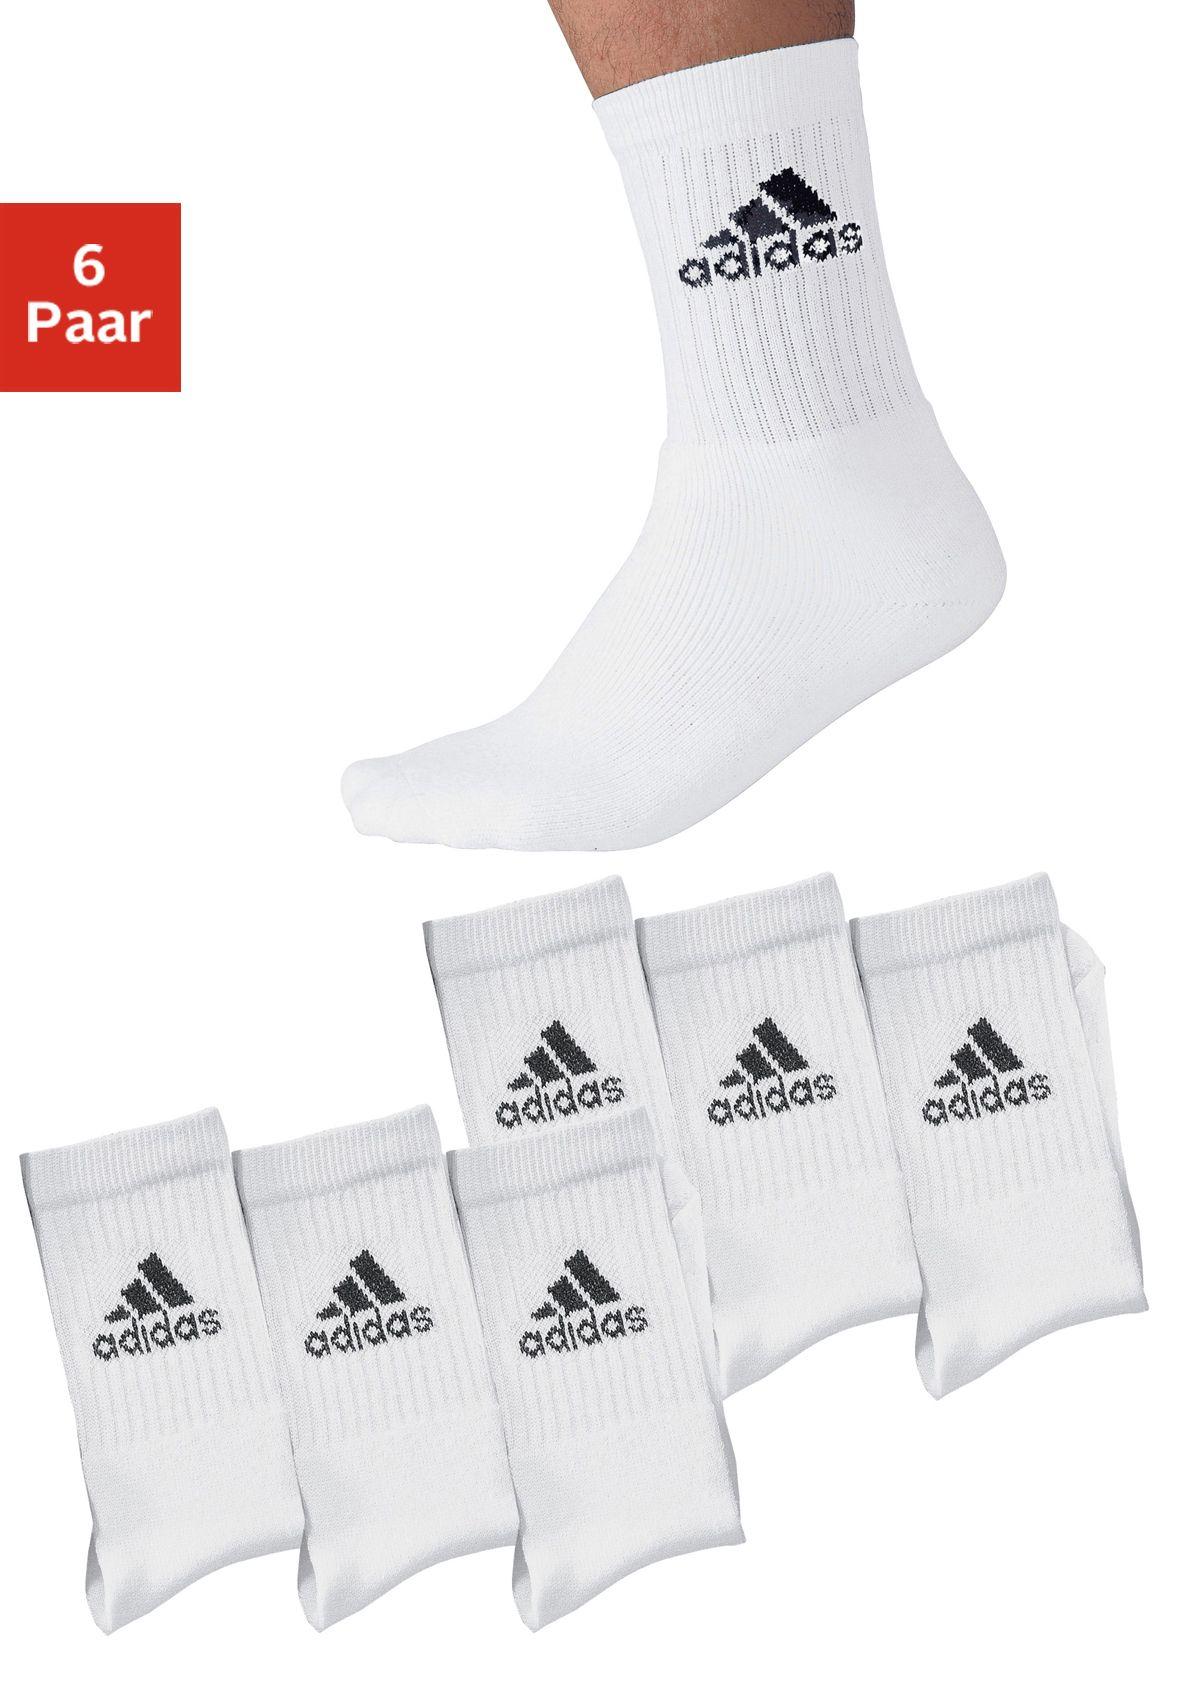 ADIDAS PERFORMANCE adidas Klassische Sportsocken (6 Paar) mit Frottee